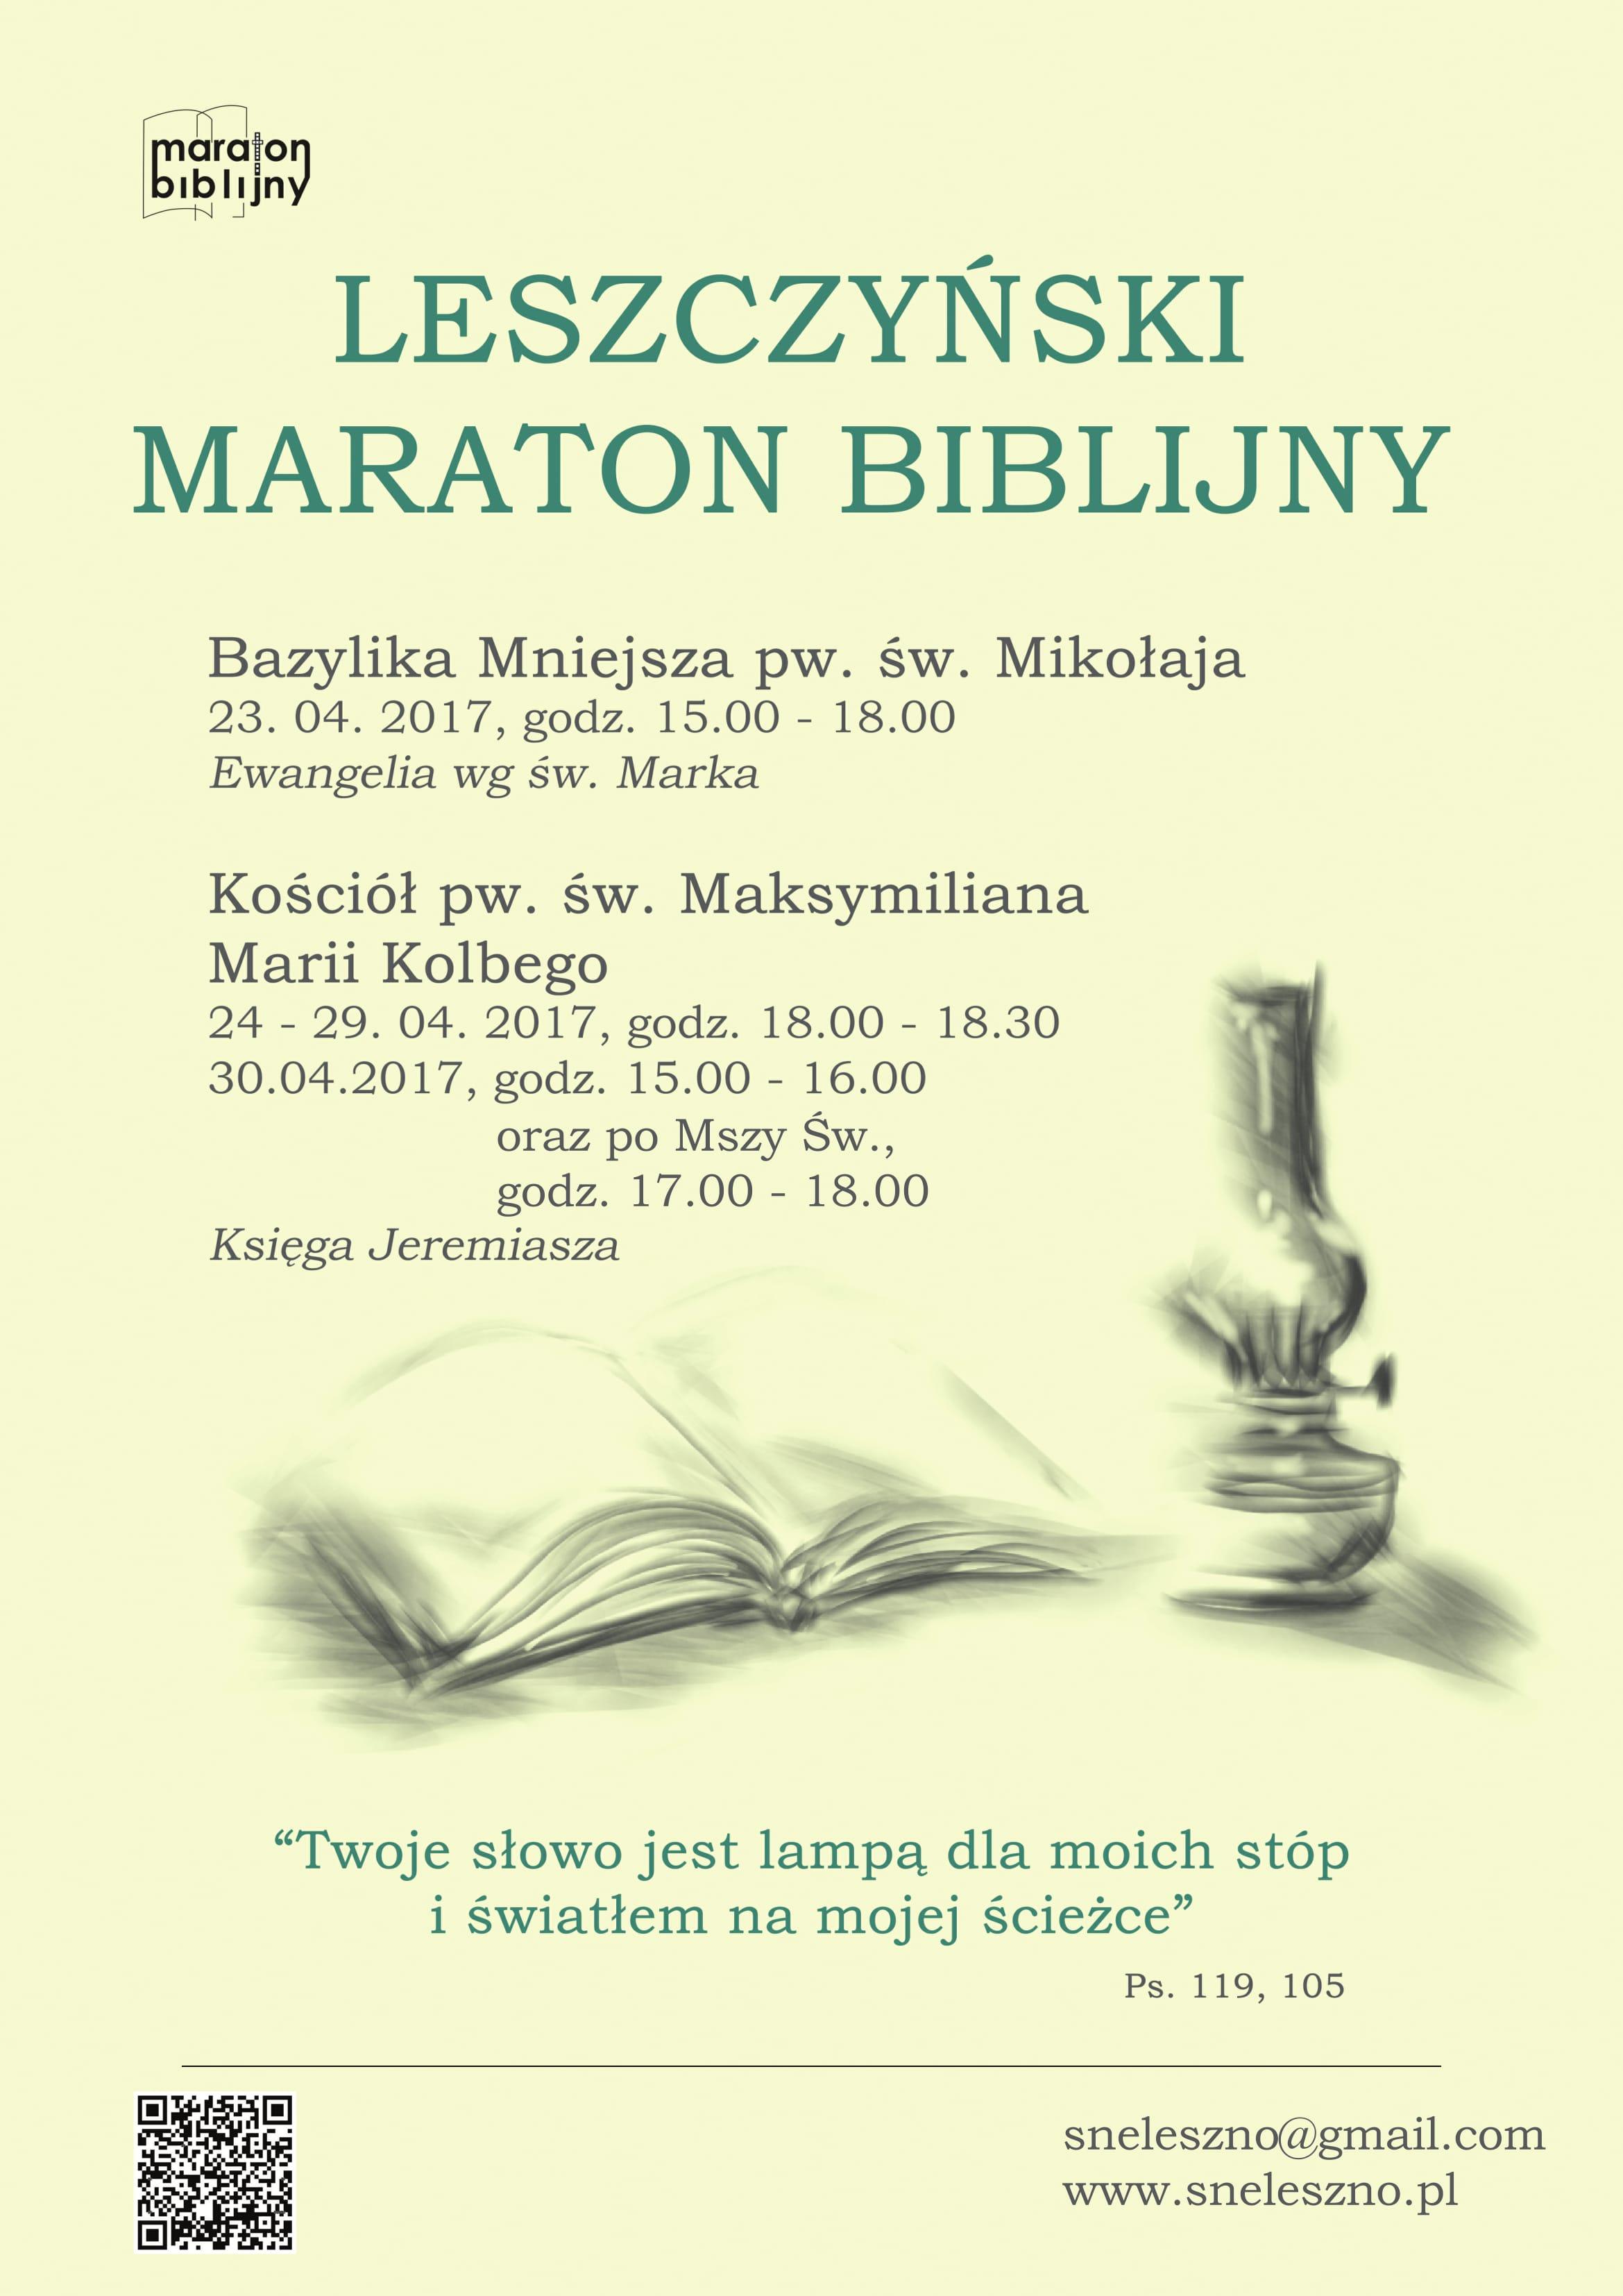 http://sneleszno.pl/files/plakat%20maraton%202017.jpg